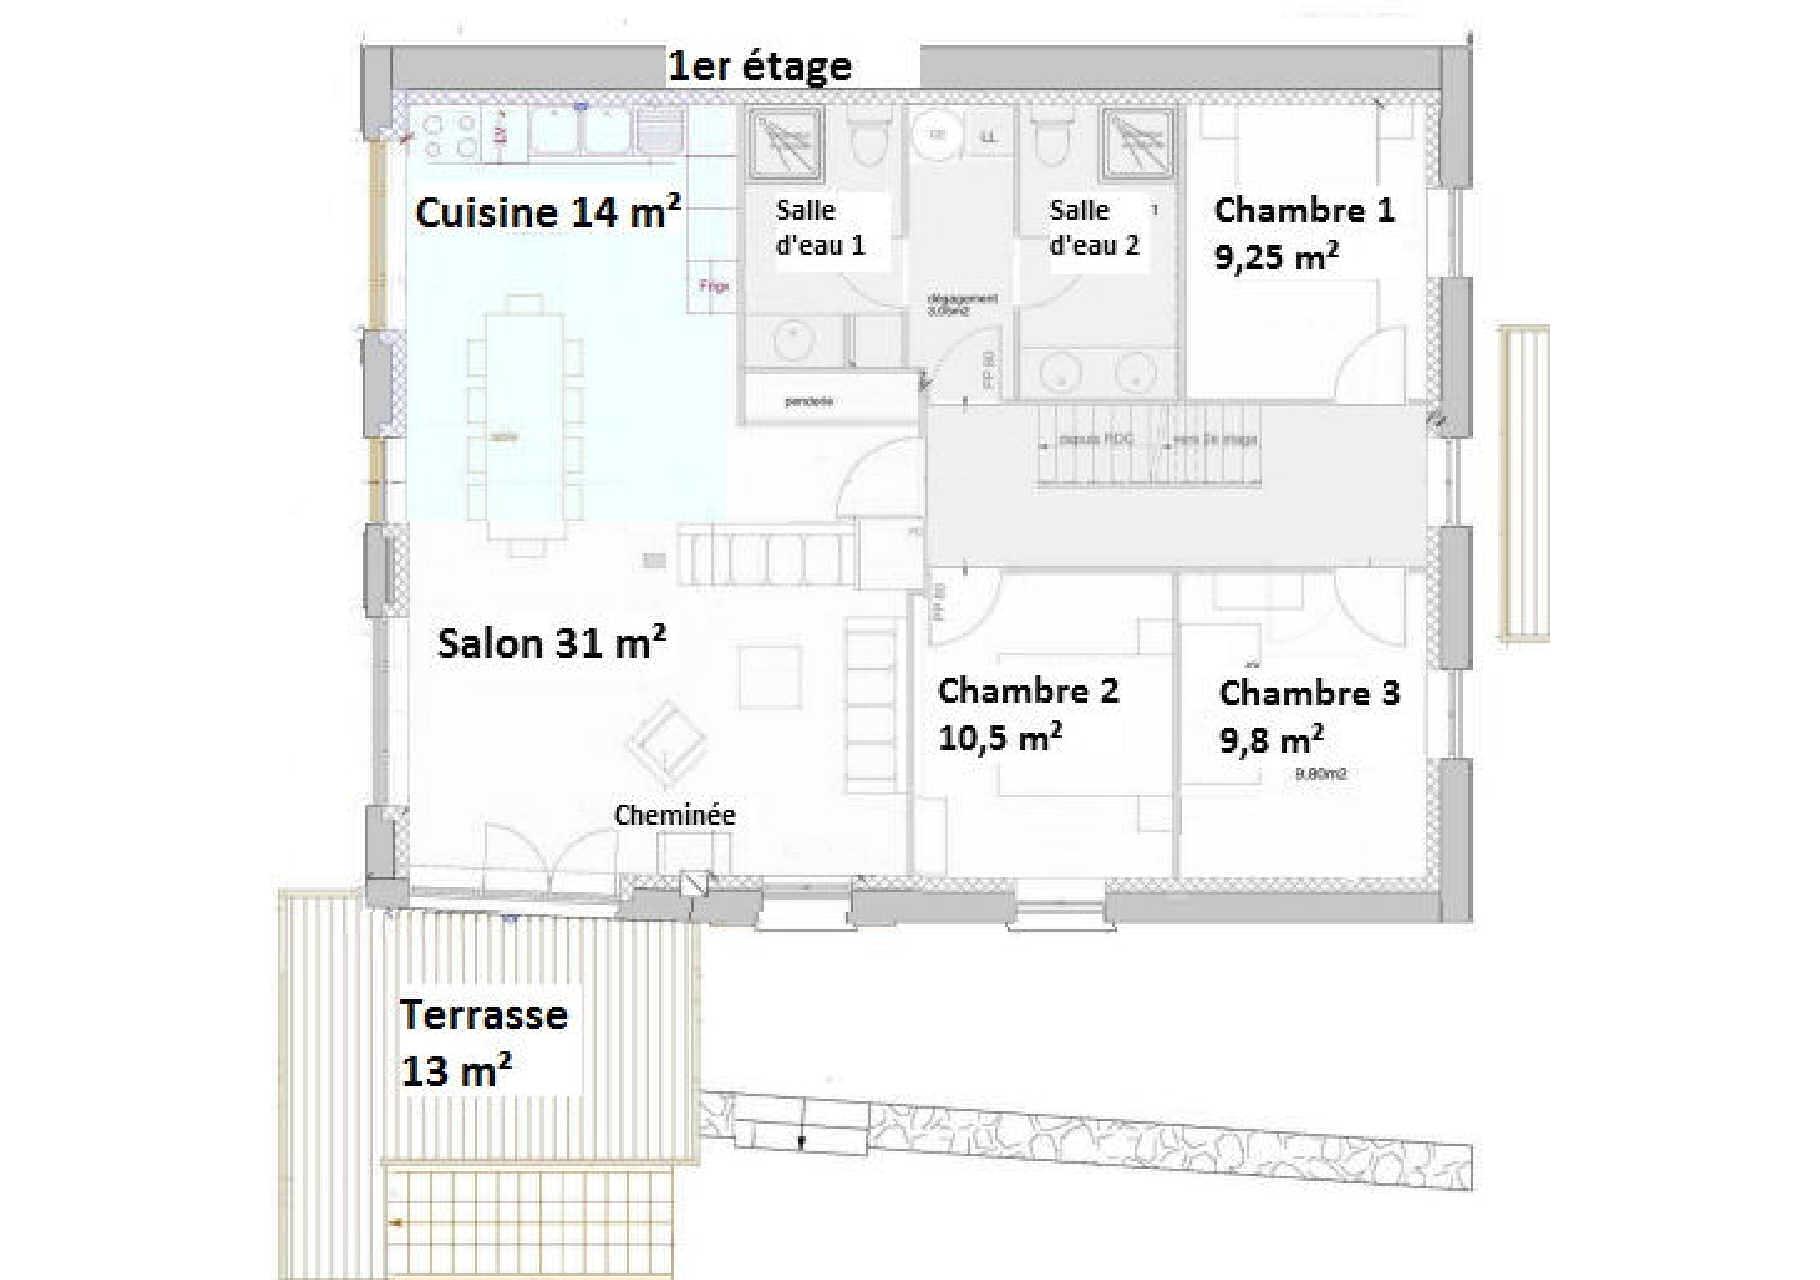 pan du premier étage